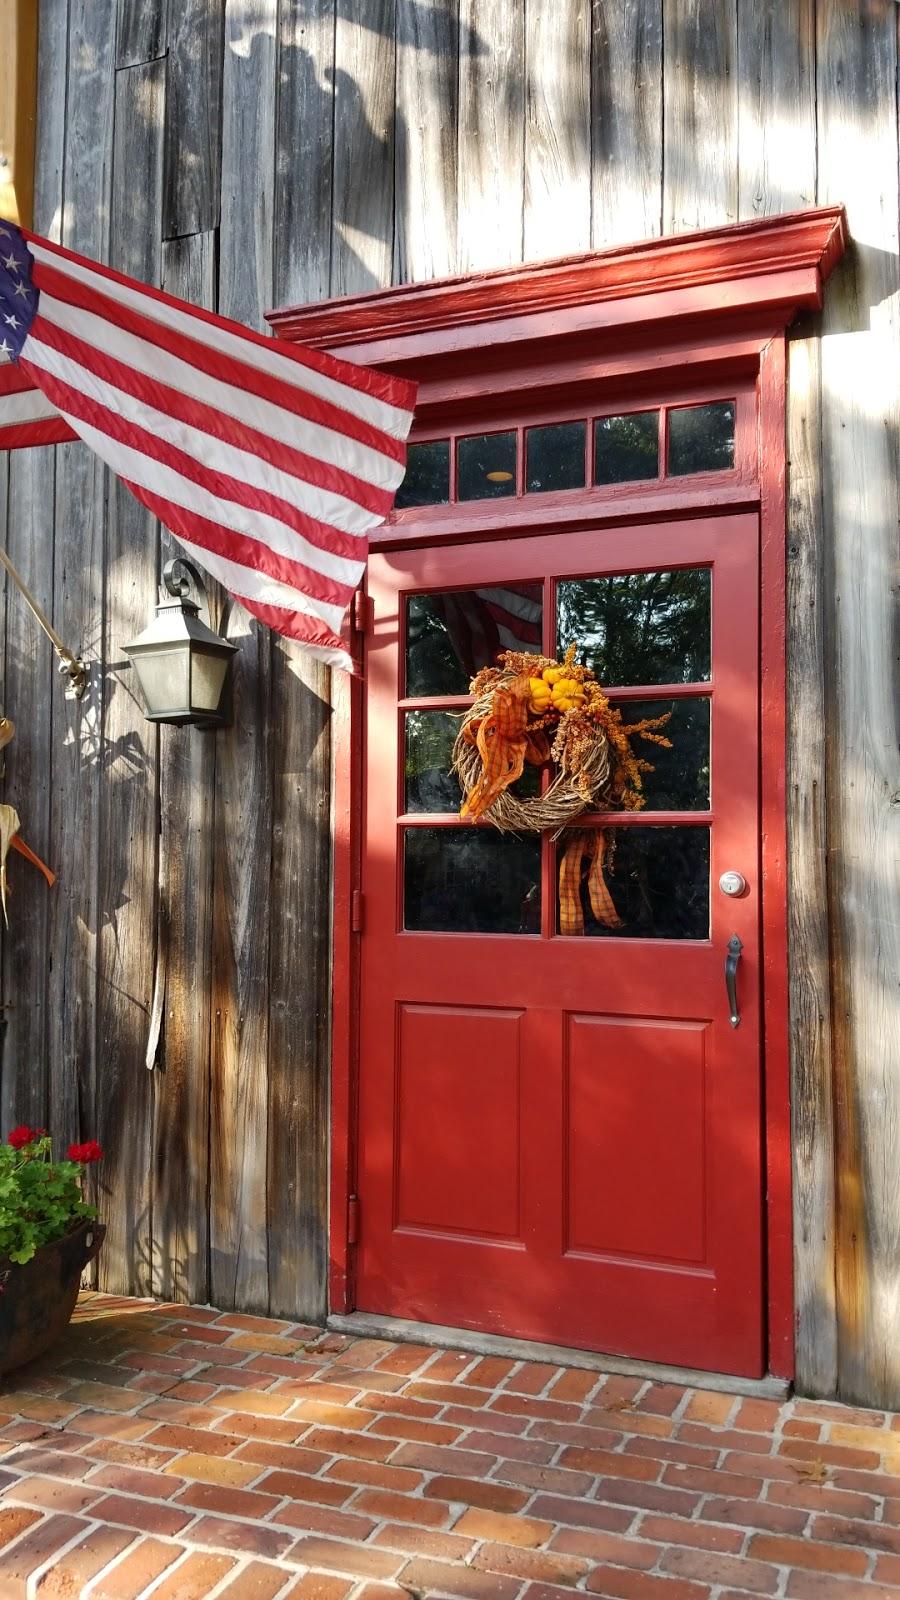 The Smithville Inn - restaurant  | Photo 3 of 10 | Address: 1 N New York Rd, Absecon, NJ 08205, USA | Phone: (609) 652-7777